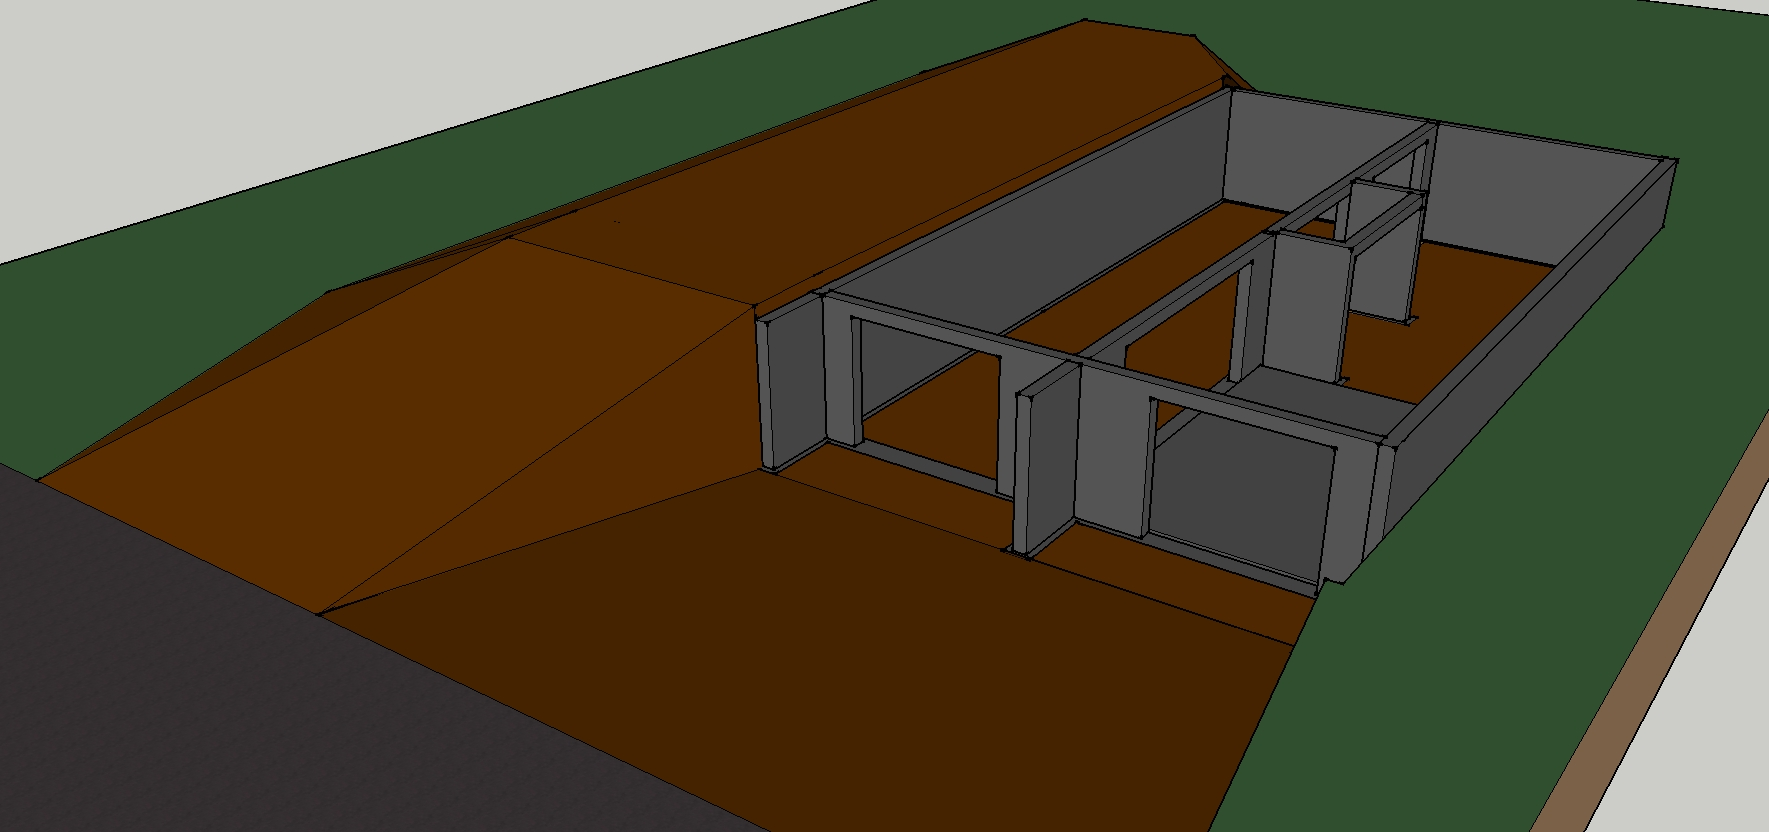 Maison ossature bois modulable for Alarme garage sous sol